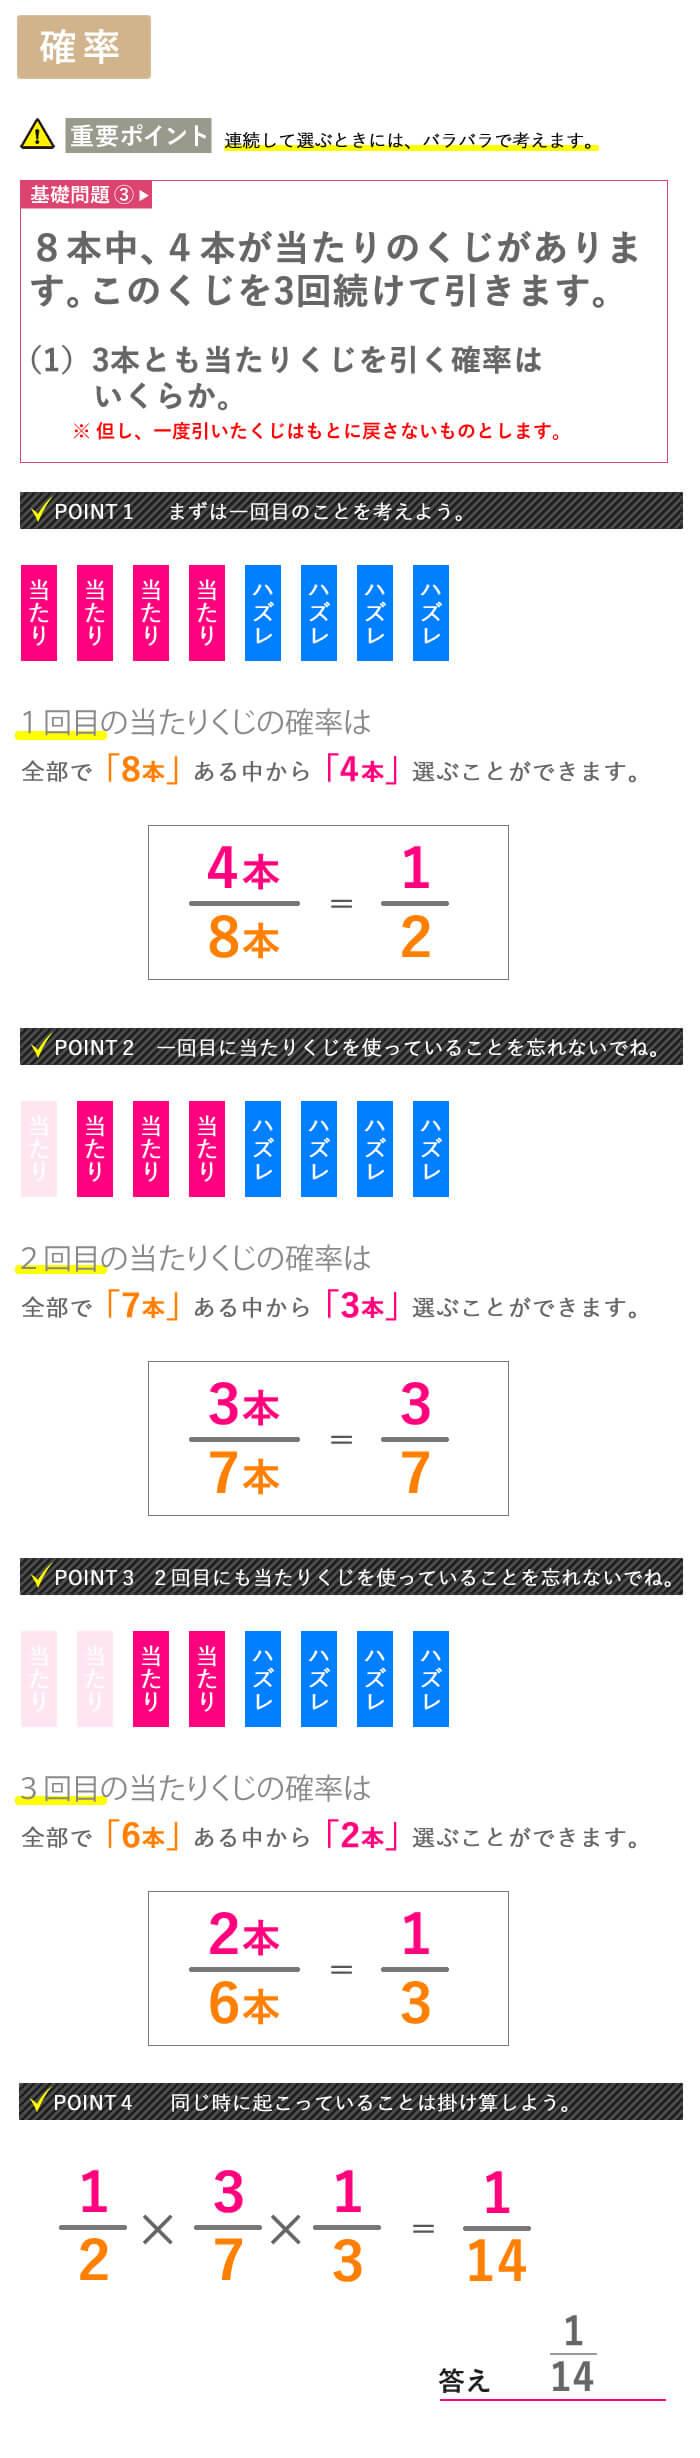 看護予備校大阪KAZアカデミーの場合の数、【確率 その3】画像